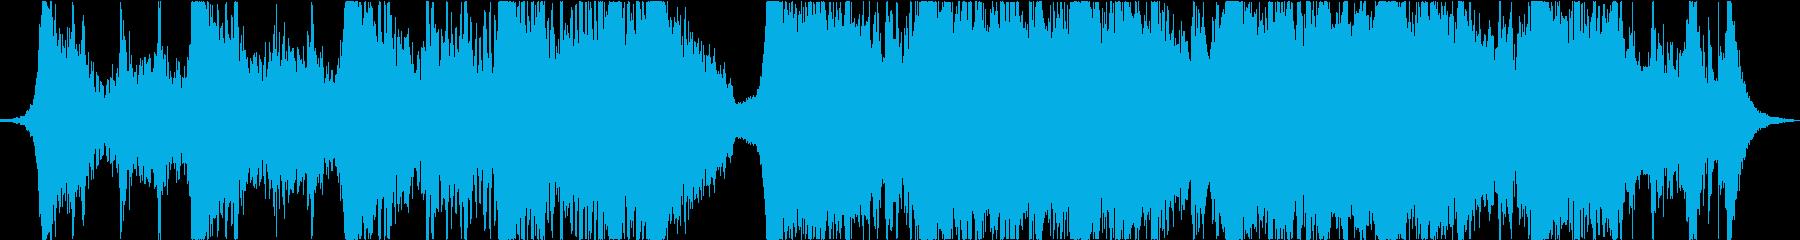 現代的 交響曲 クラシック バトル...の再生済みの波形